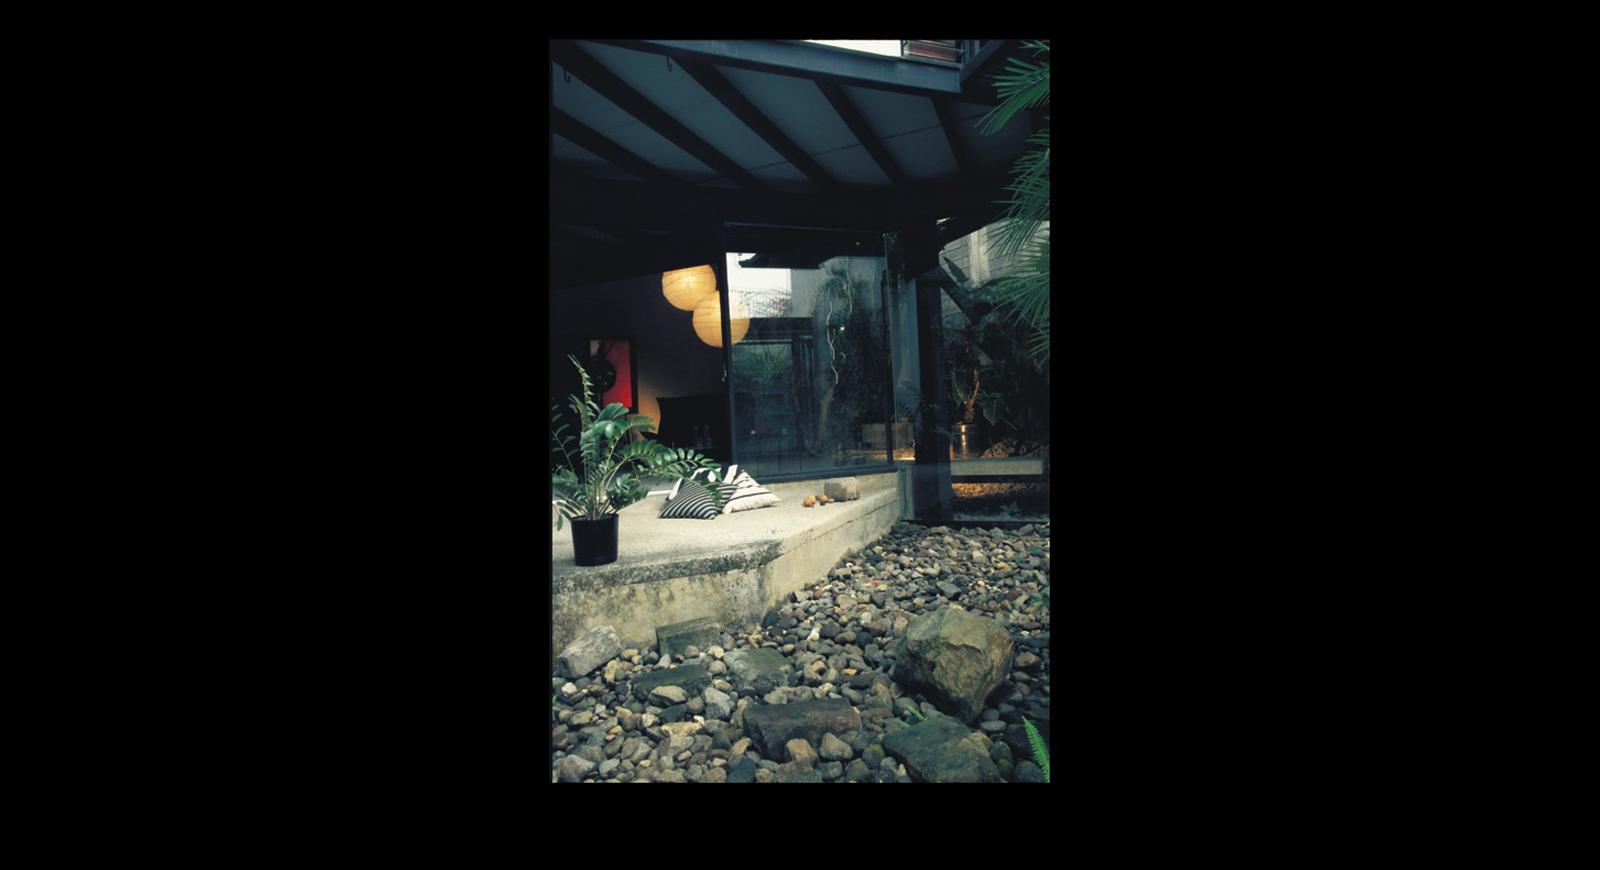 urbanarchitecture-costarica_cortezamarillo-2